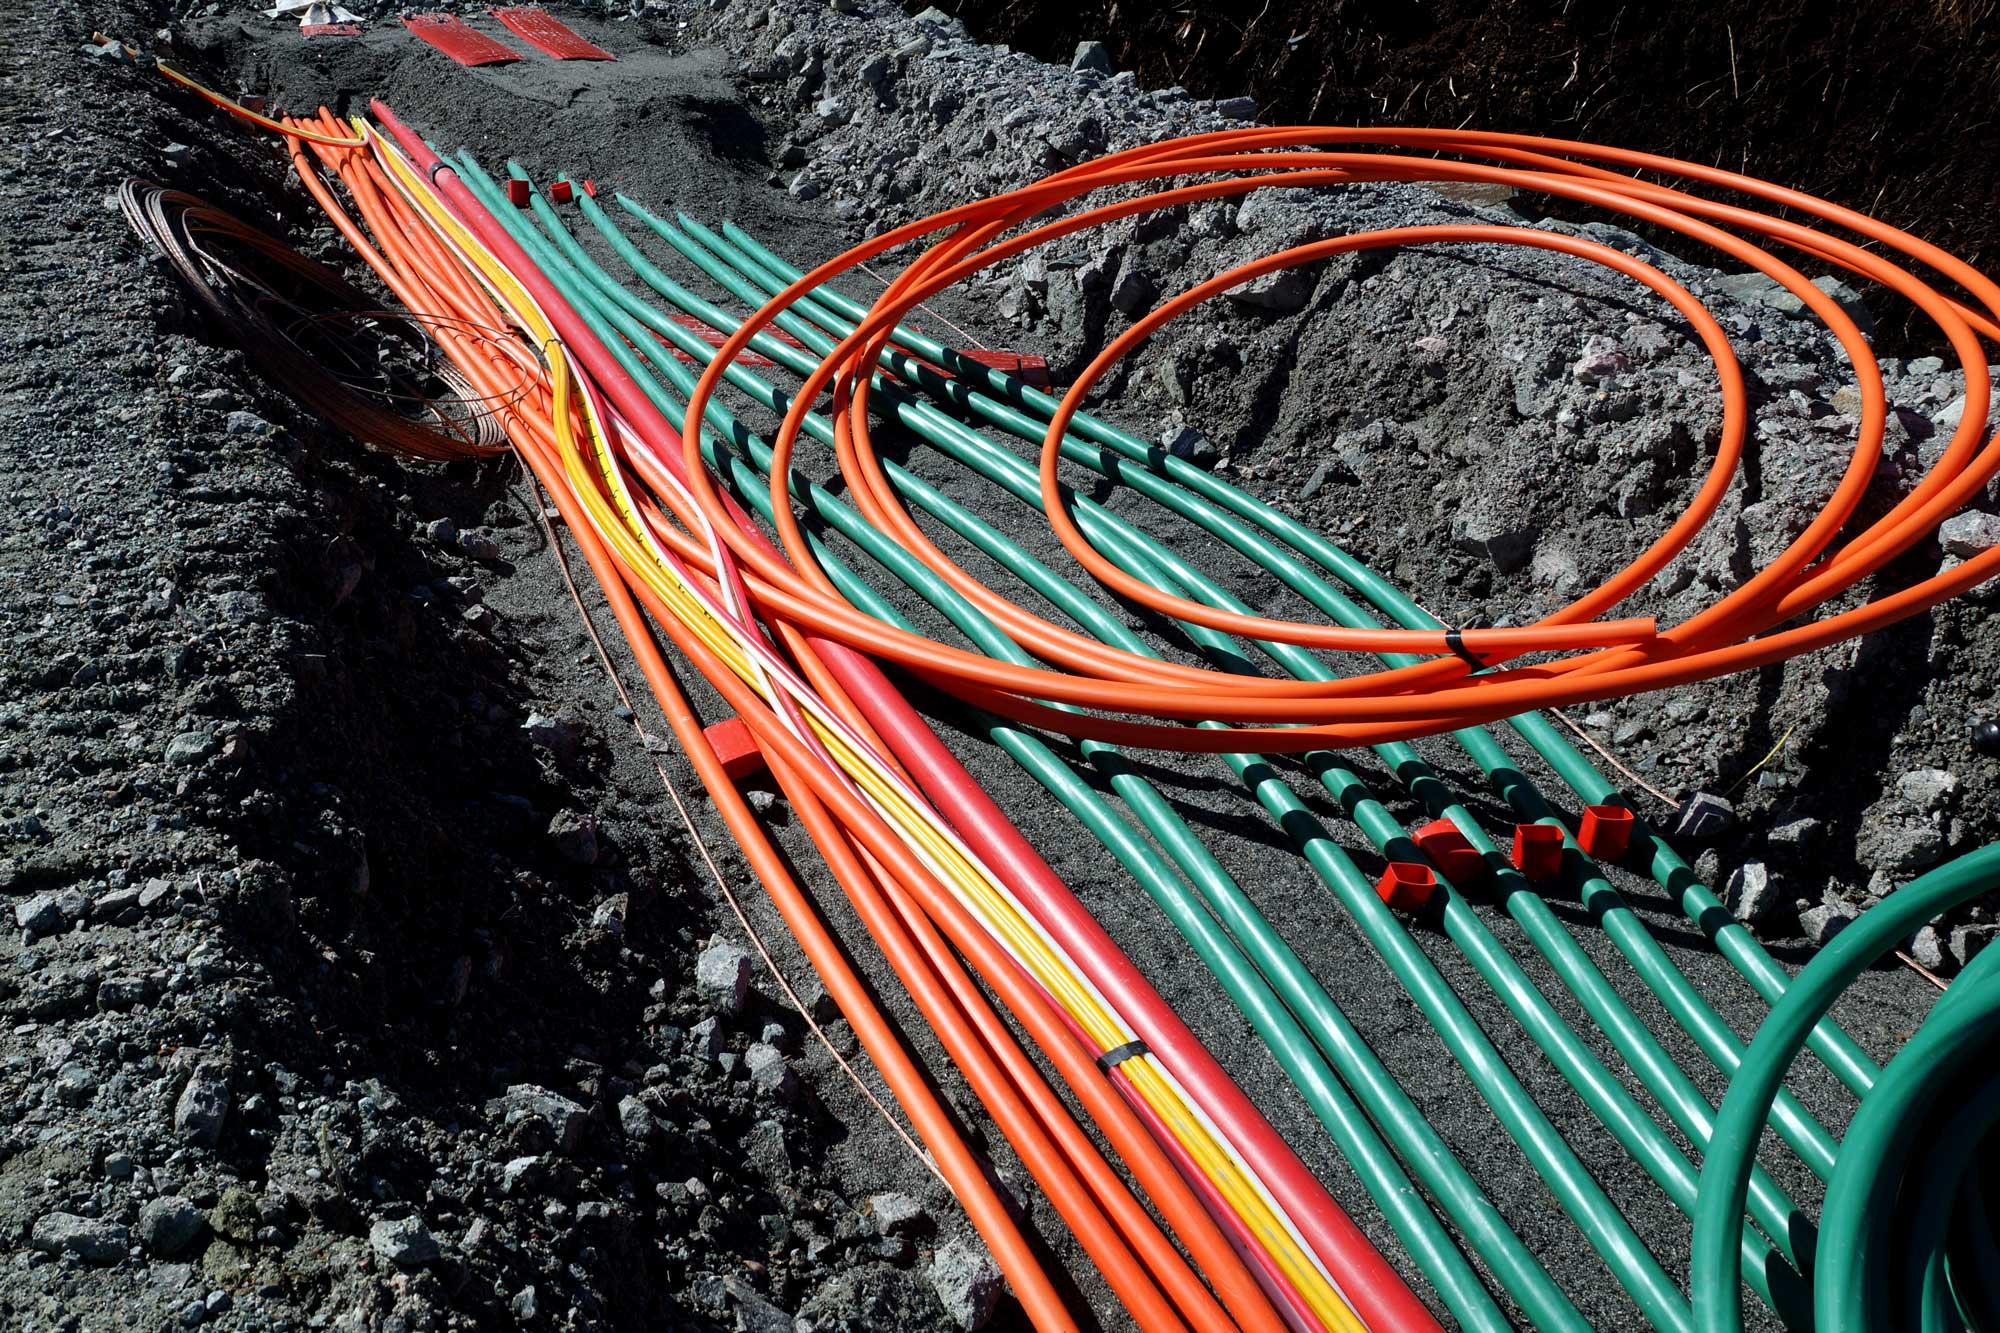 Det jobbes med å lage ferdig alle kabelgrøfter